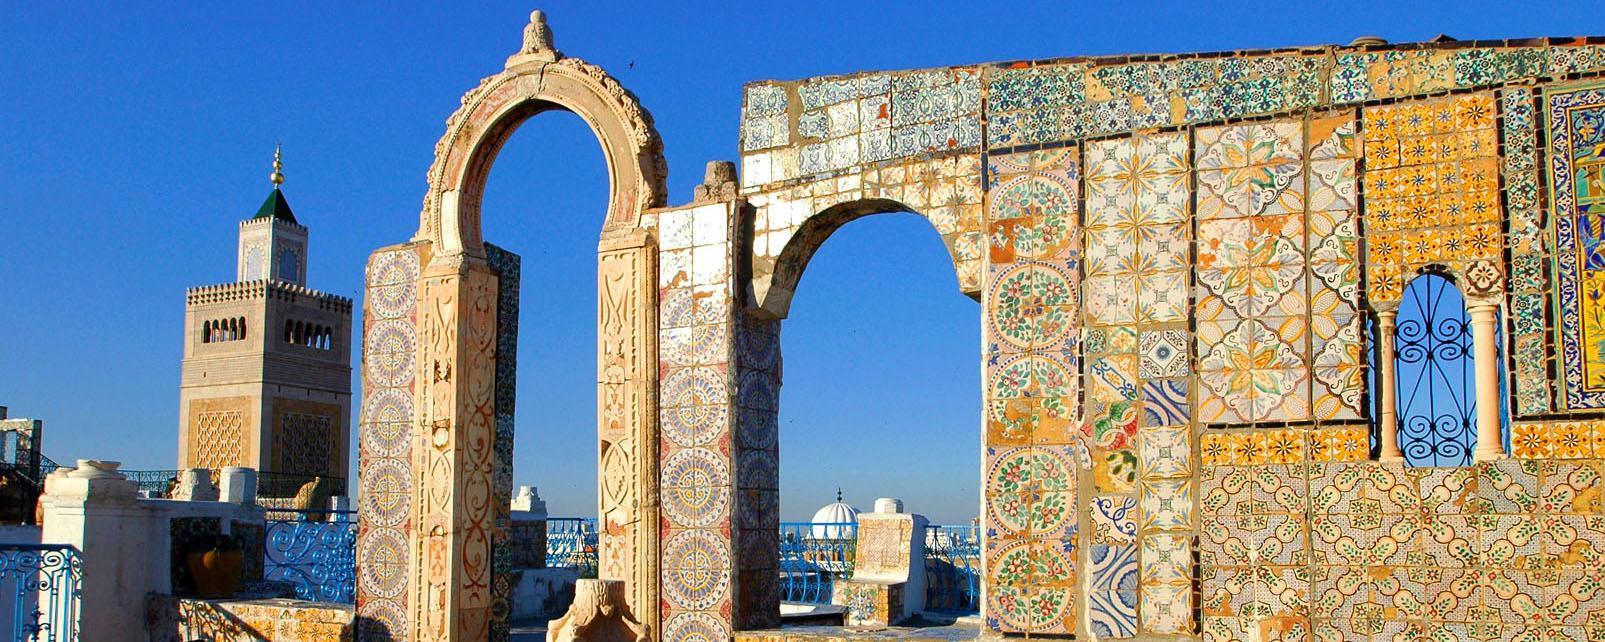 Tunisia Tunisi